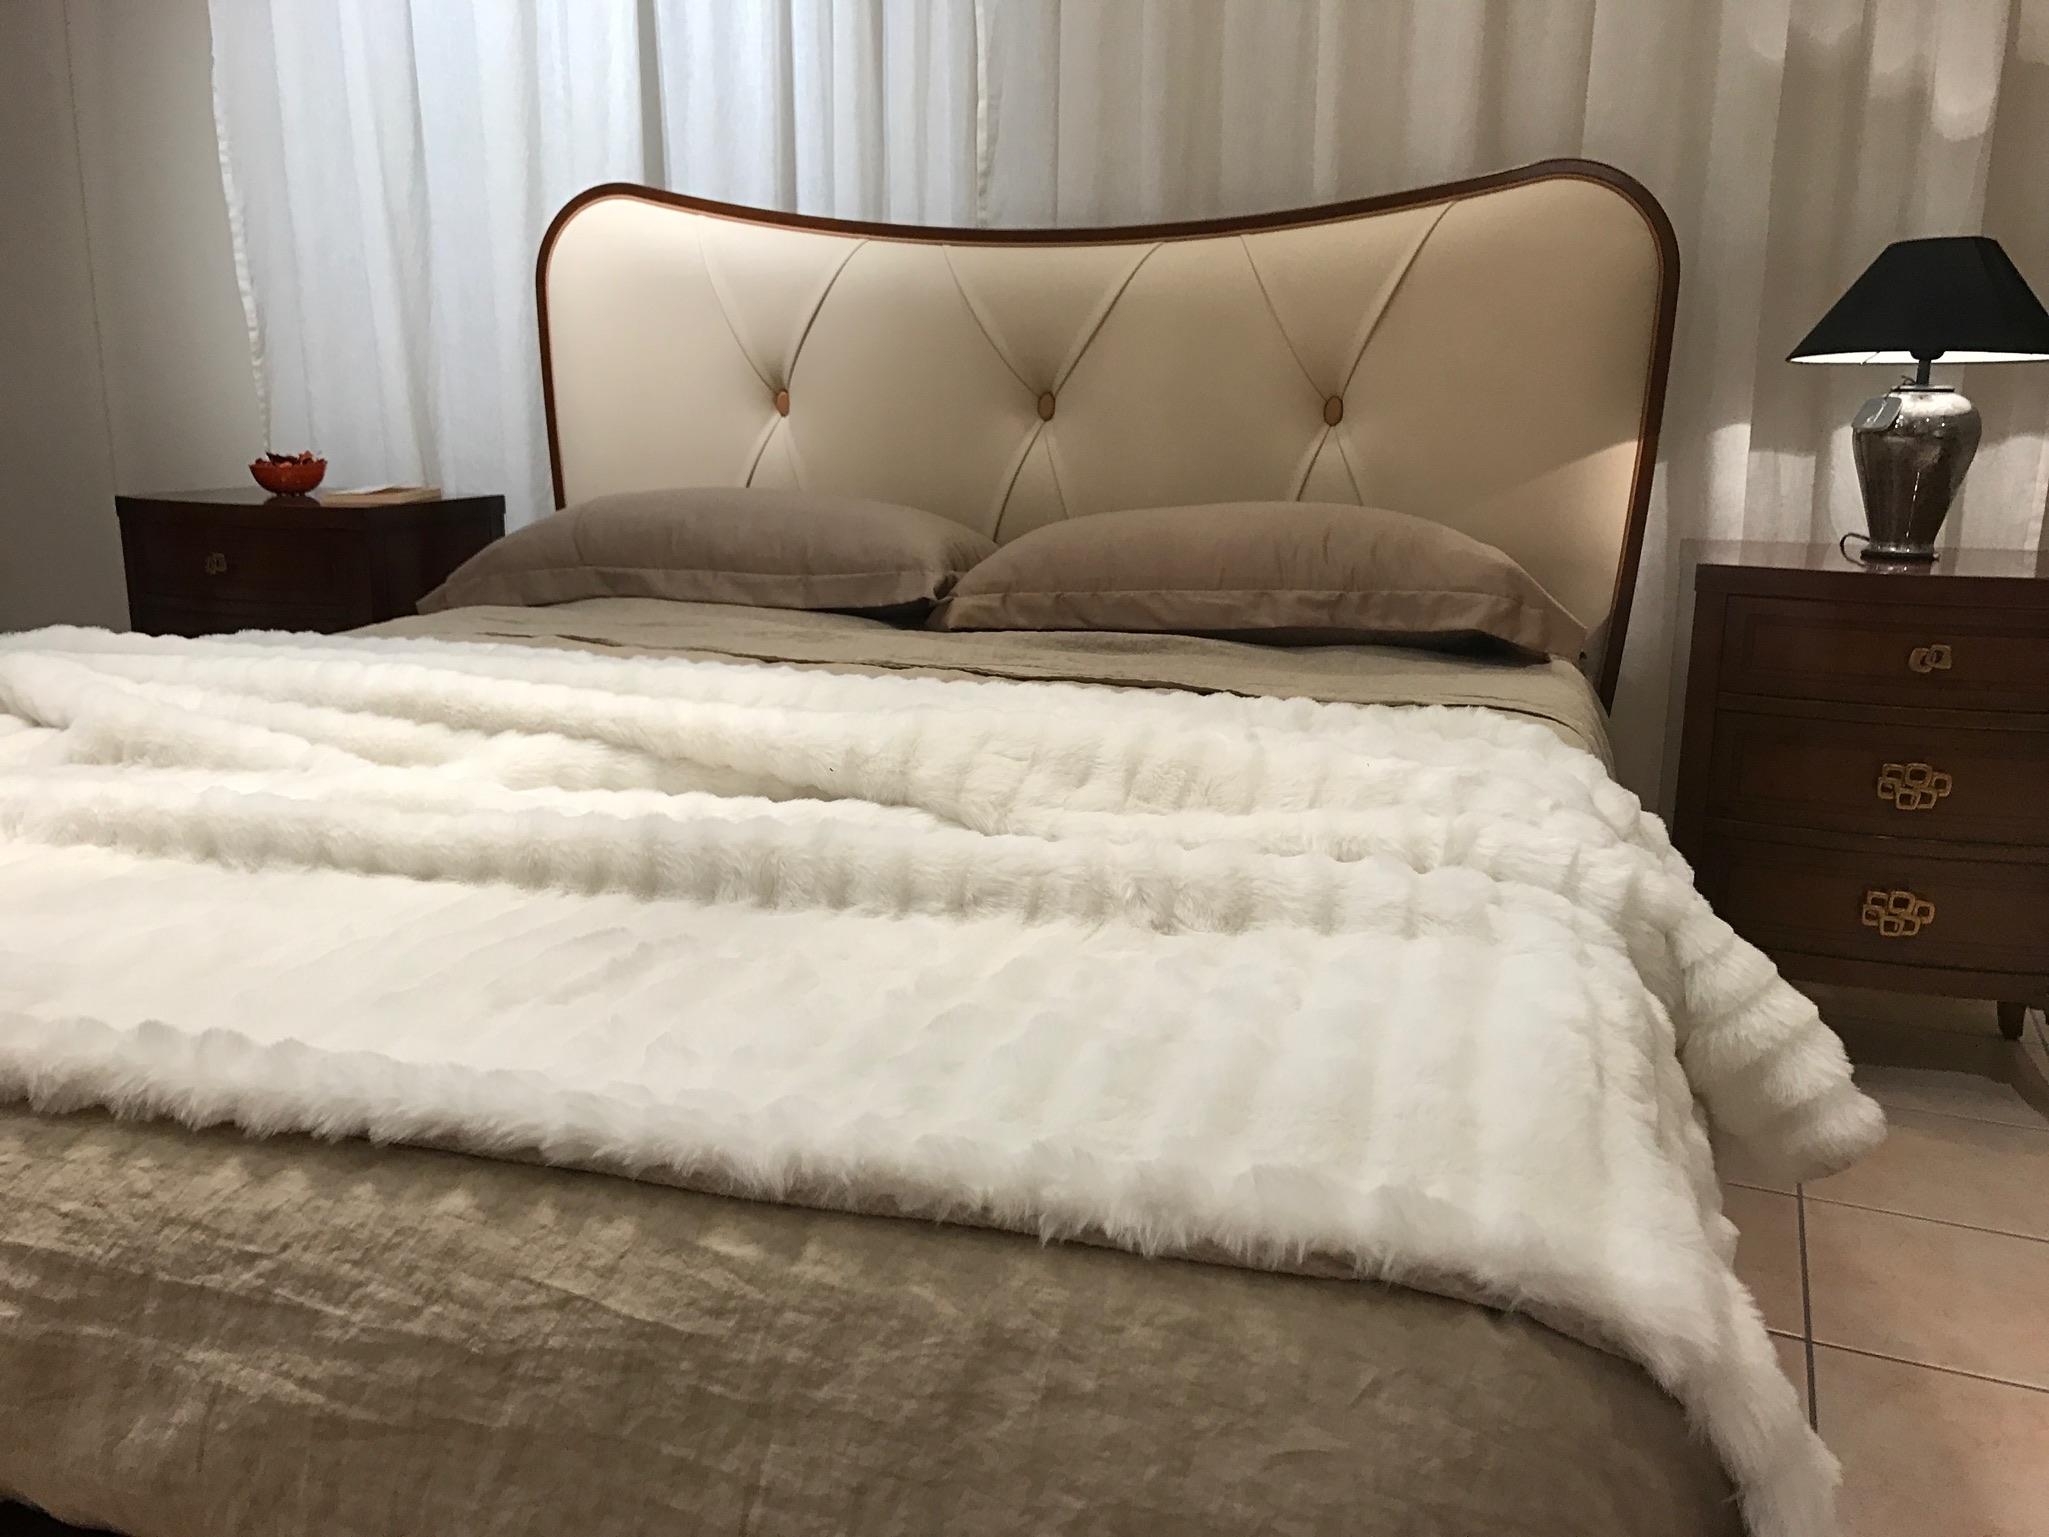 Le fablier camere da letto le mimose cool beautiful mobili le fablier listino prezzi gallery - Le fablier prezzi camere da letto ...